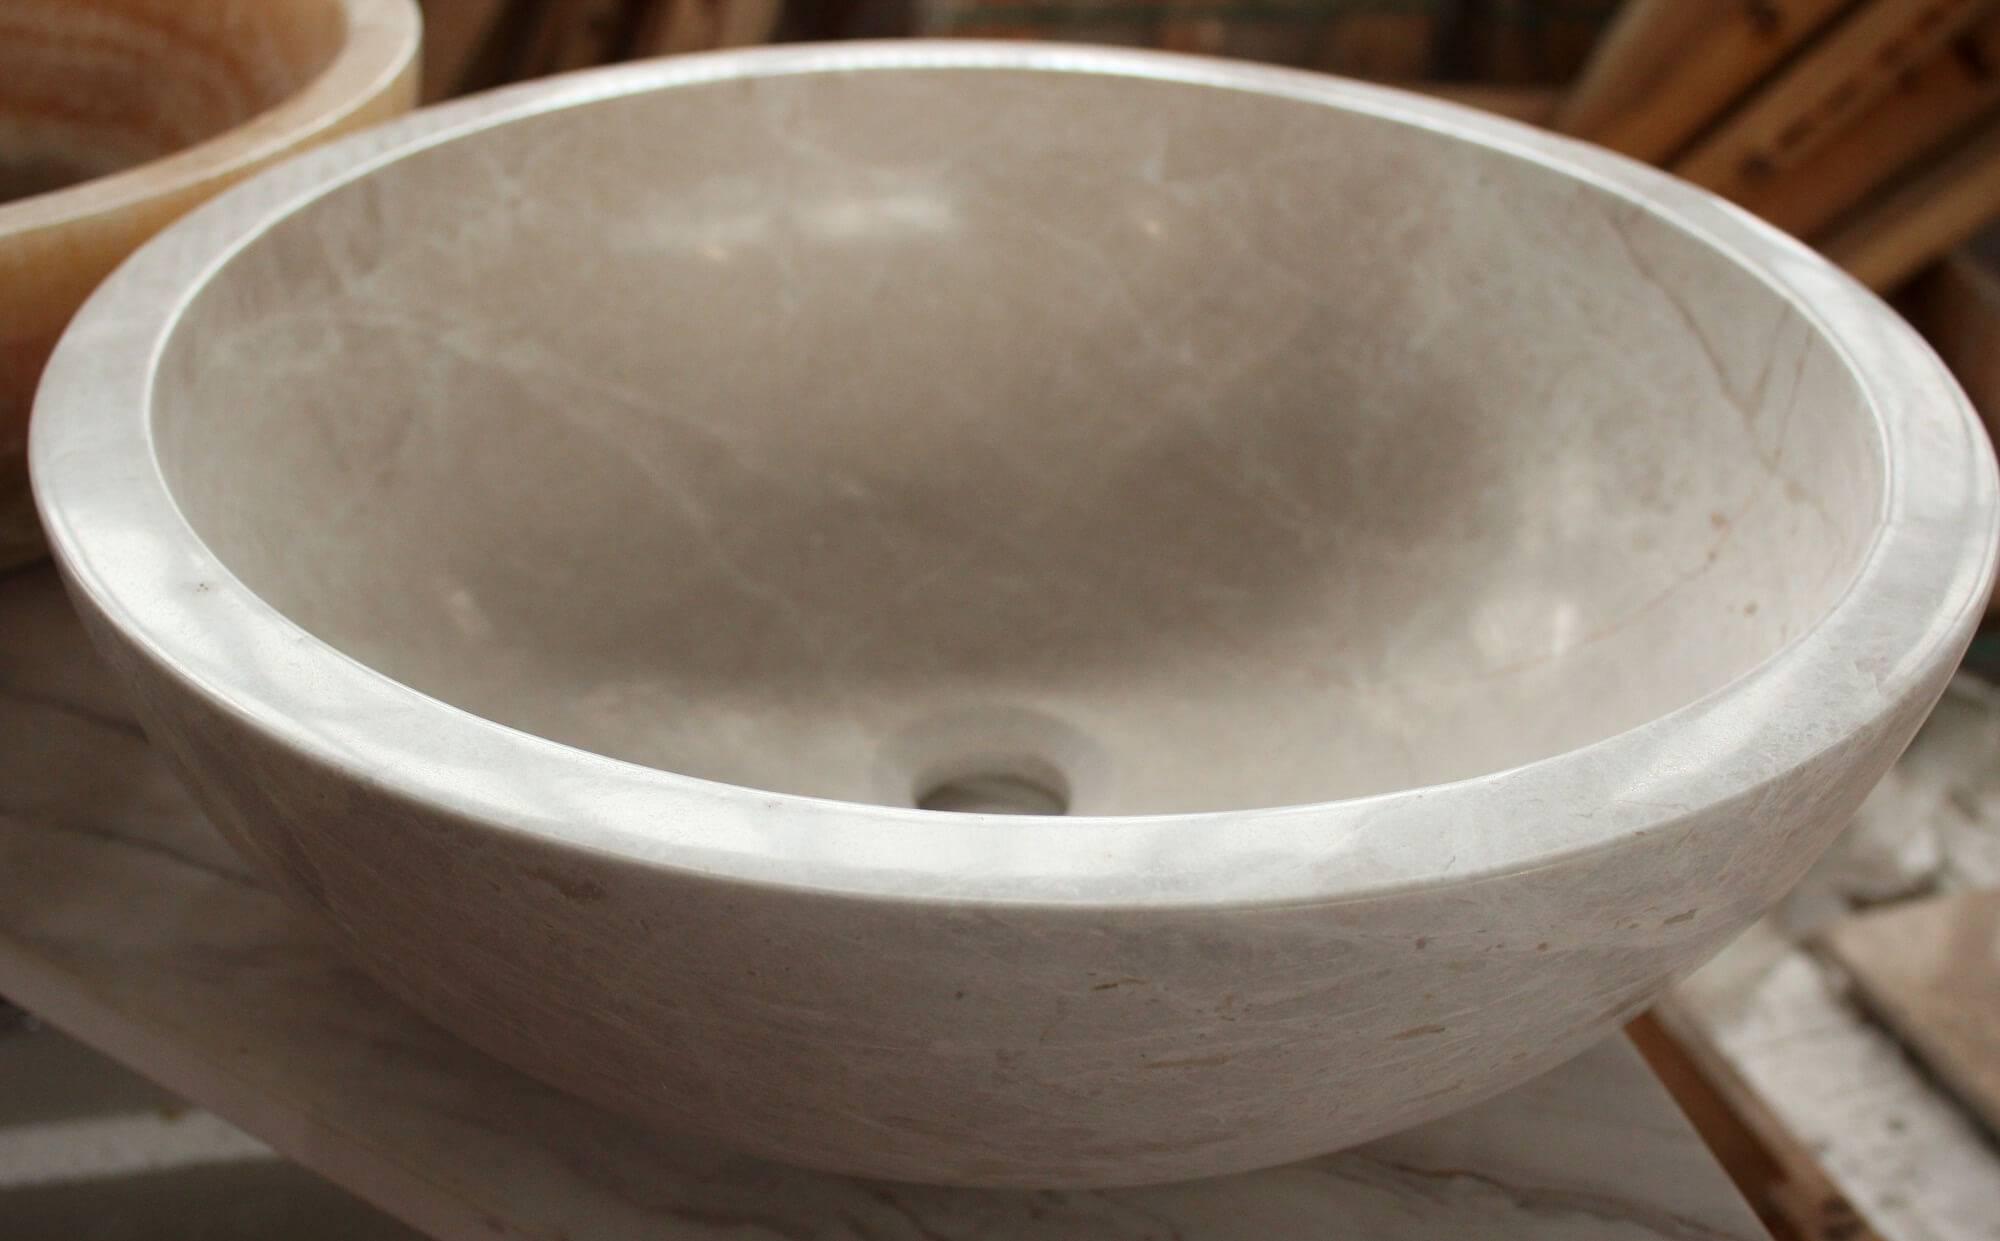 Круглый мраморный умывальник, Турция фото 1 — изелия и проекты от Bevers Marmyr